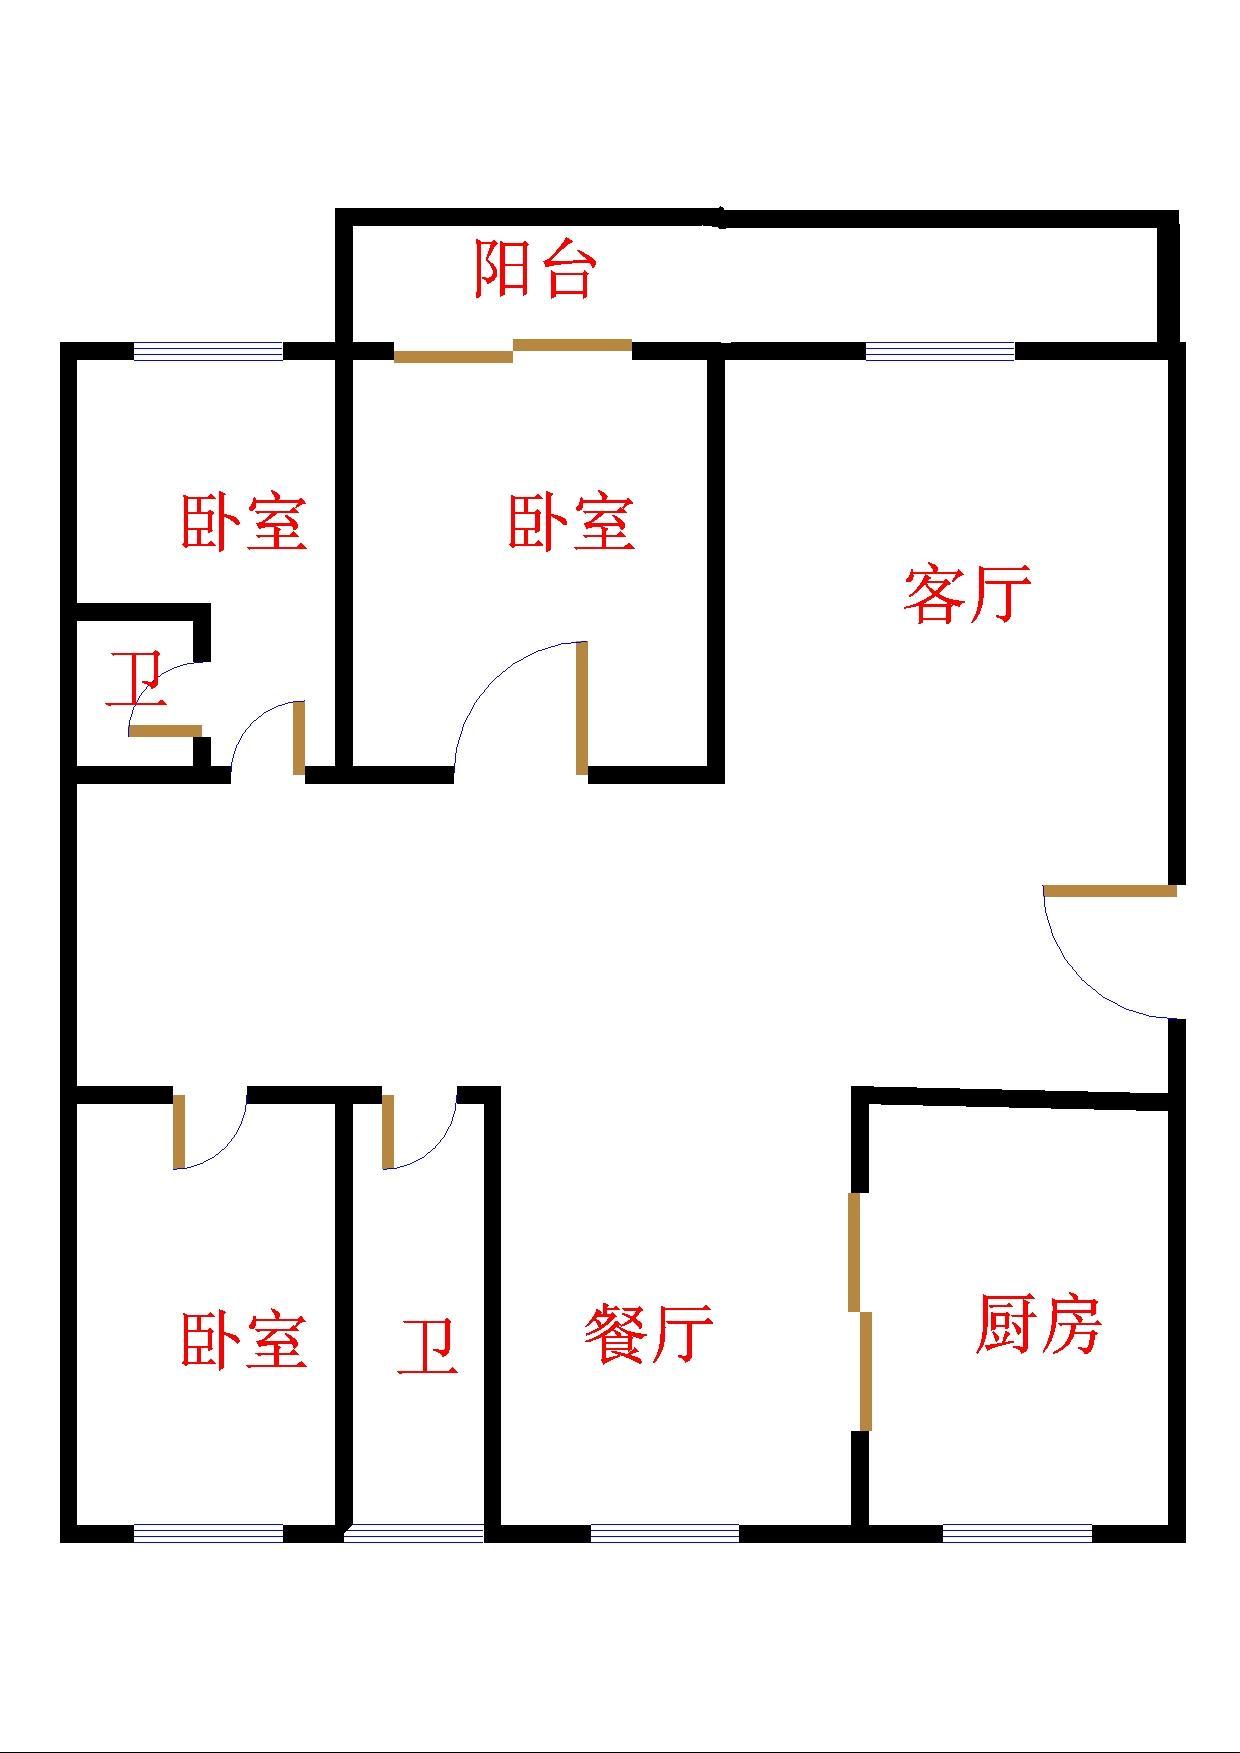 嘉城盛世 3室2厅  毛坯 190万